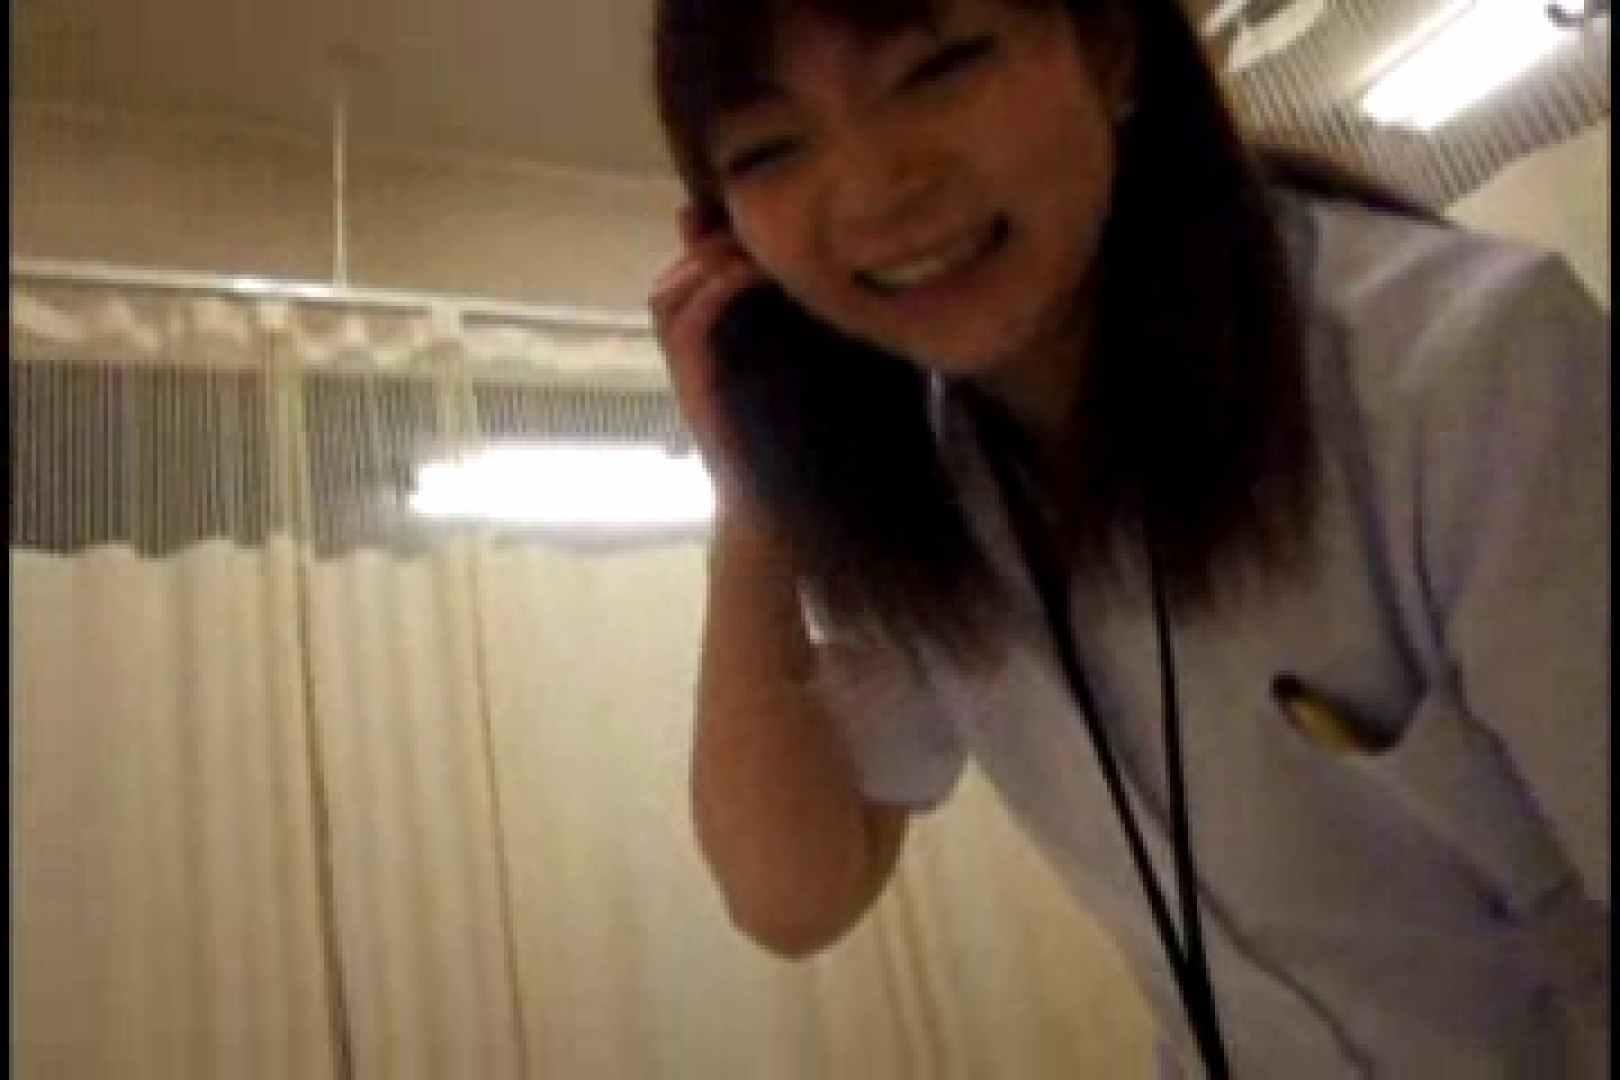 ヤリマンと呼ばれた看護士さんvol1 OL裸体 | シックスナイン  61画像 13